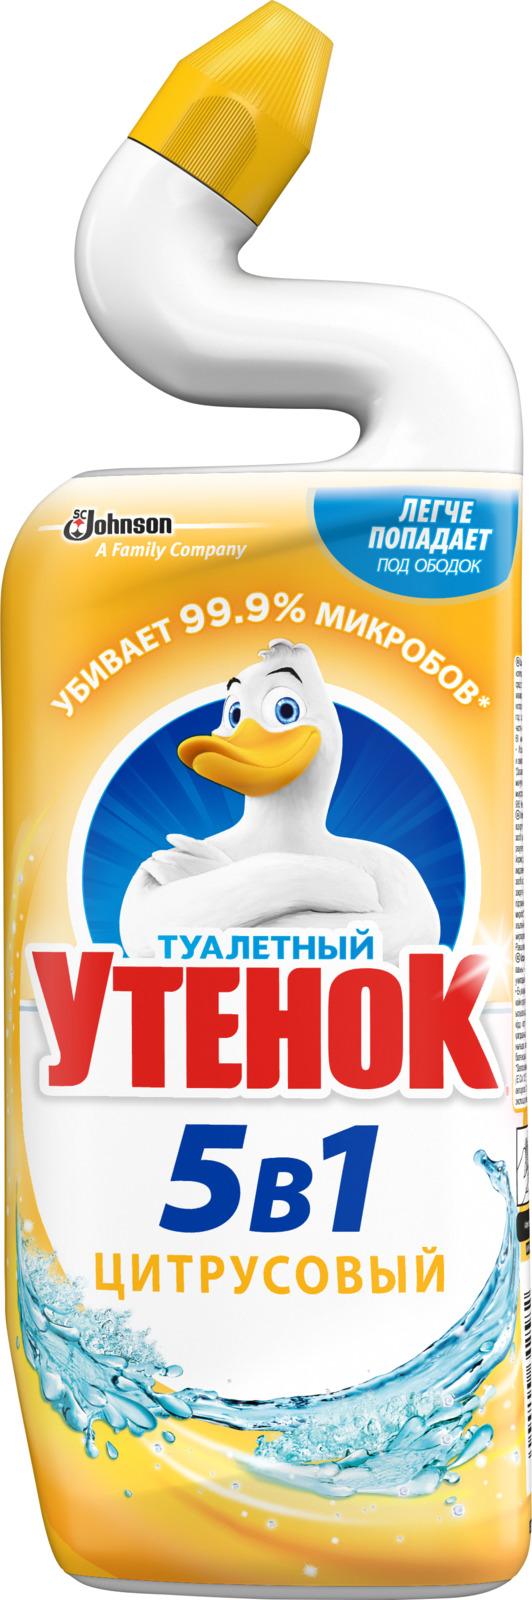 Средство для ванной и туалета Туалетный утенок 5 в 1, цитрус, 696888, 500 мл чистящее средство для унитаза bref сила актив с хлор компонентом 50г